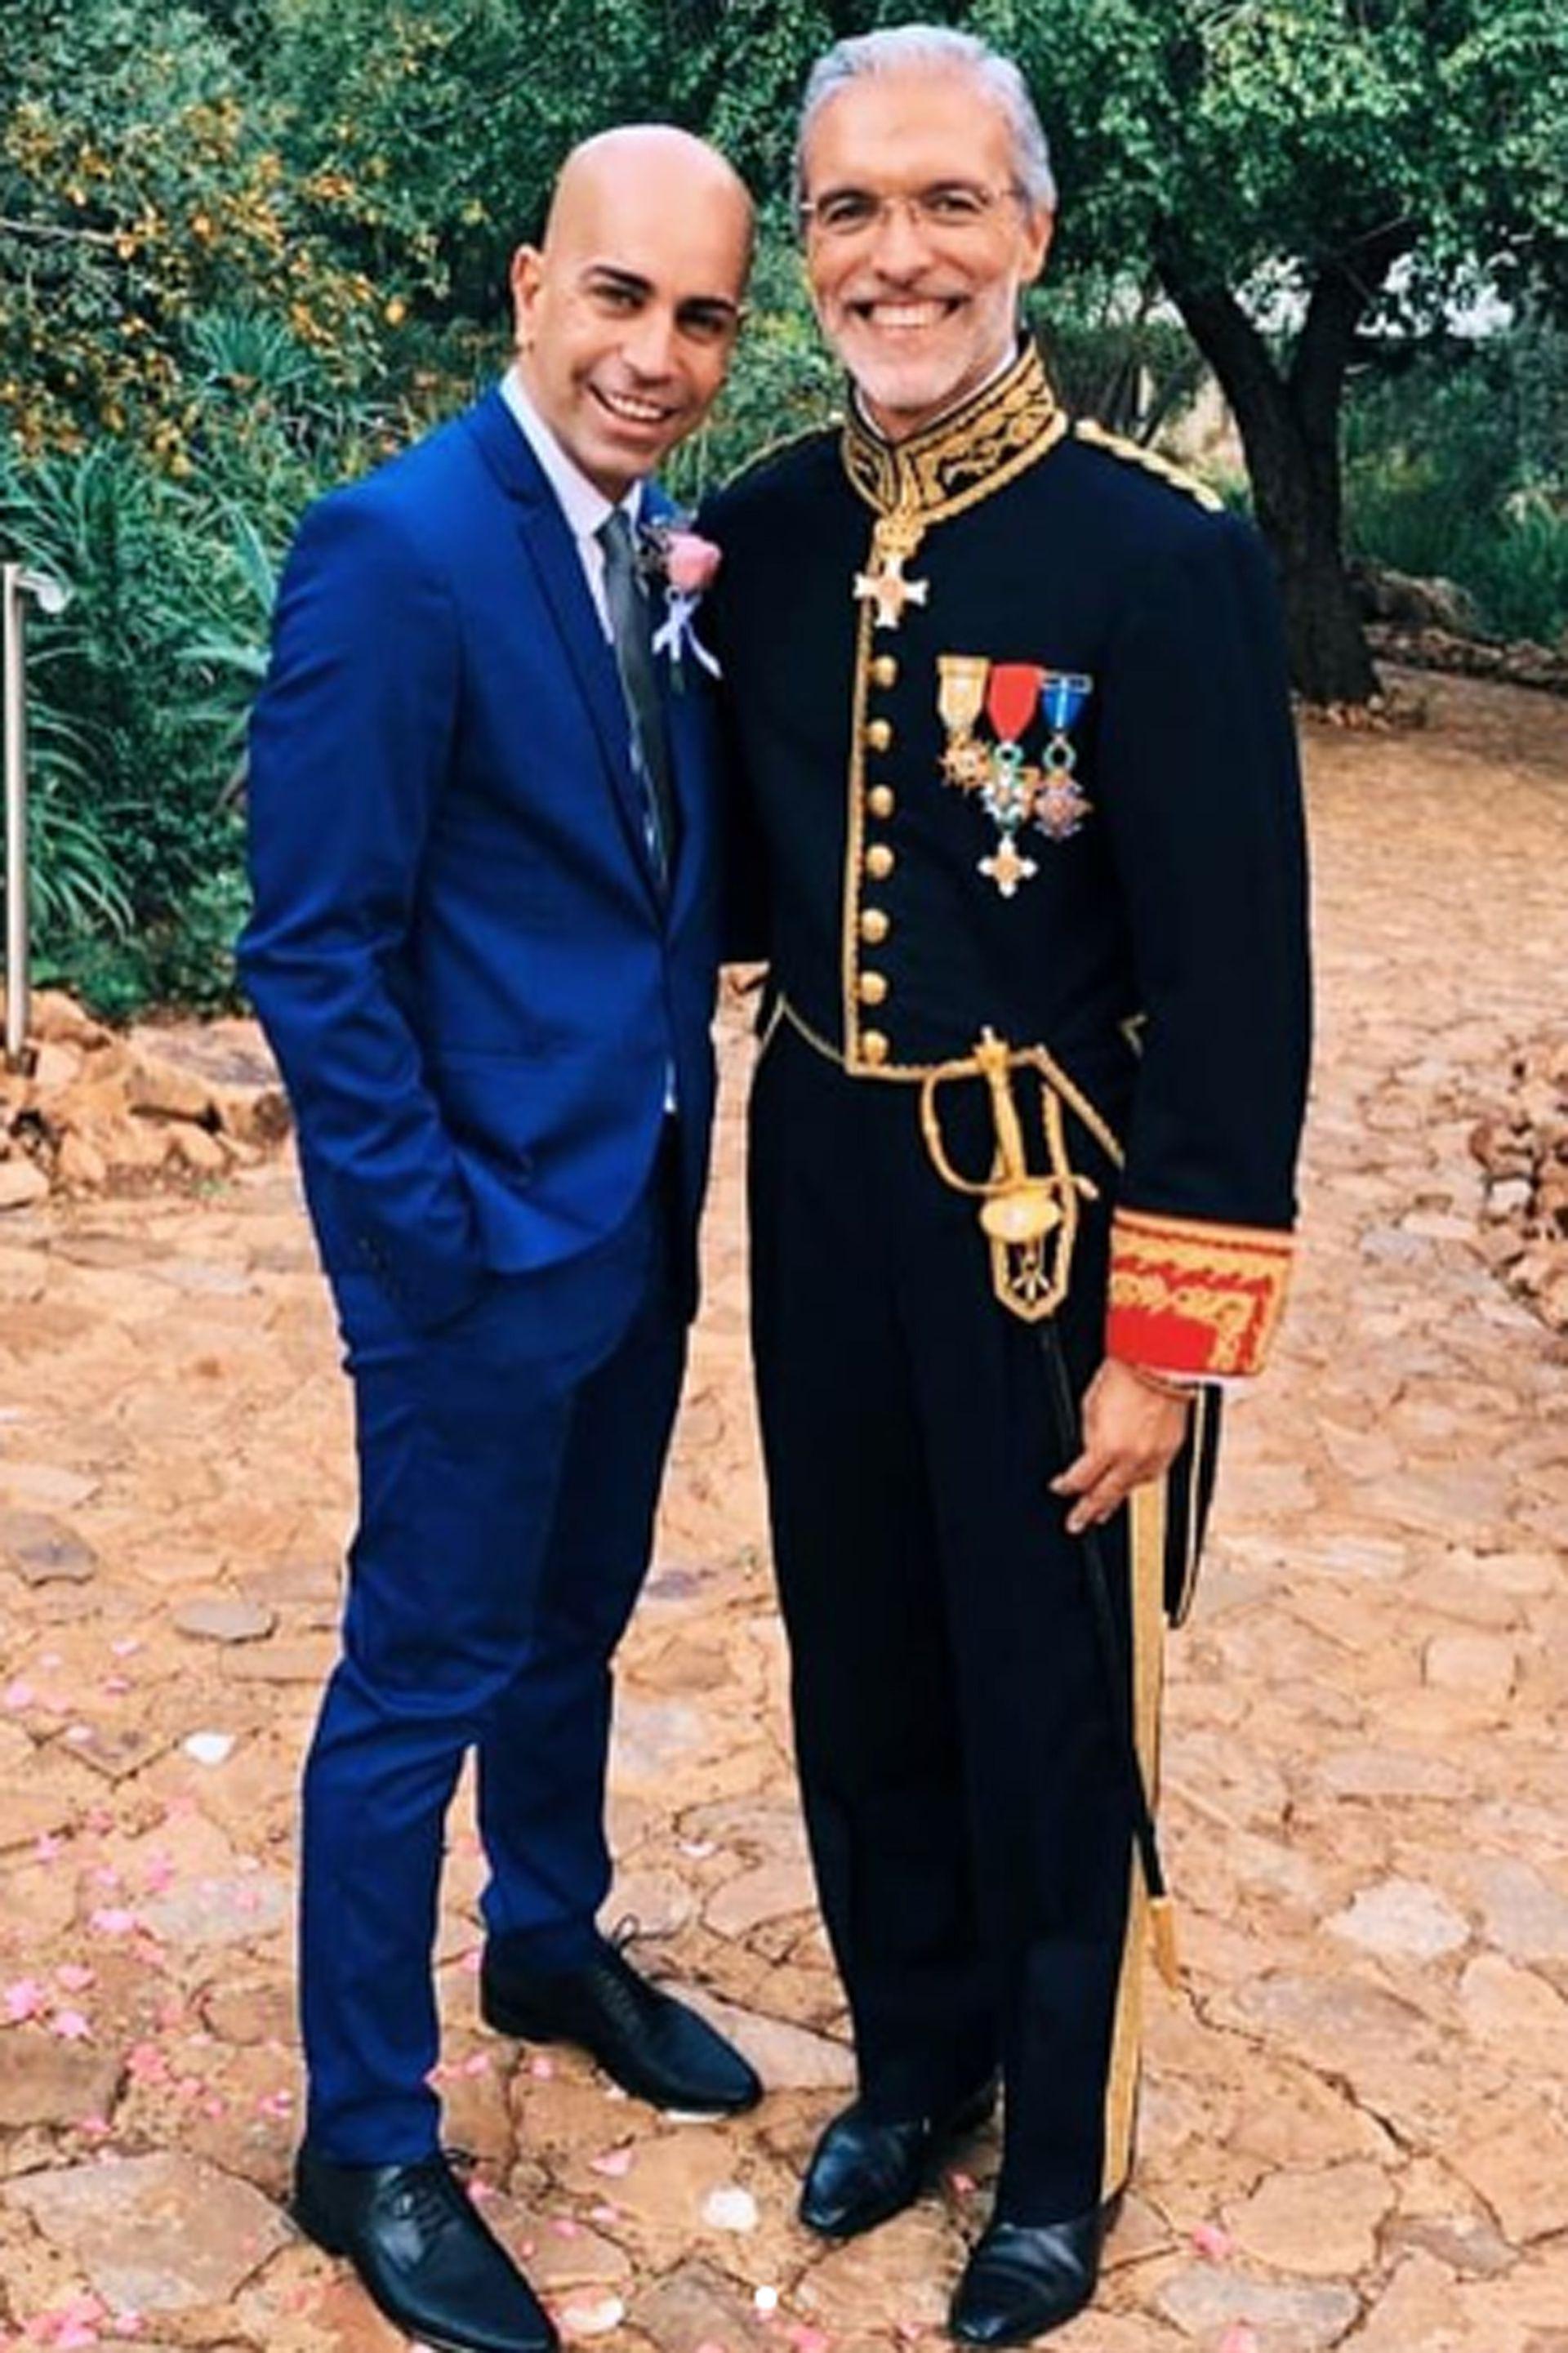 Charly San Martín está comprometido con Jorge Noval Álvarez, y debido a la pandemia de coronavirus tuvieron que posponer su fiesta de casamiento